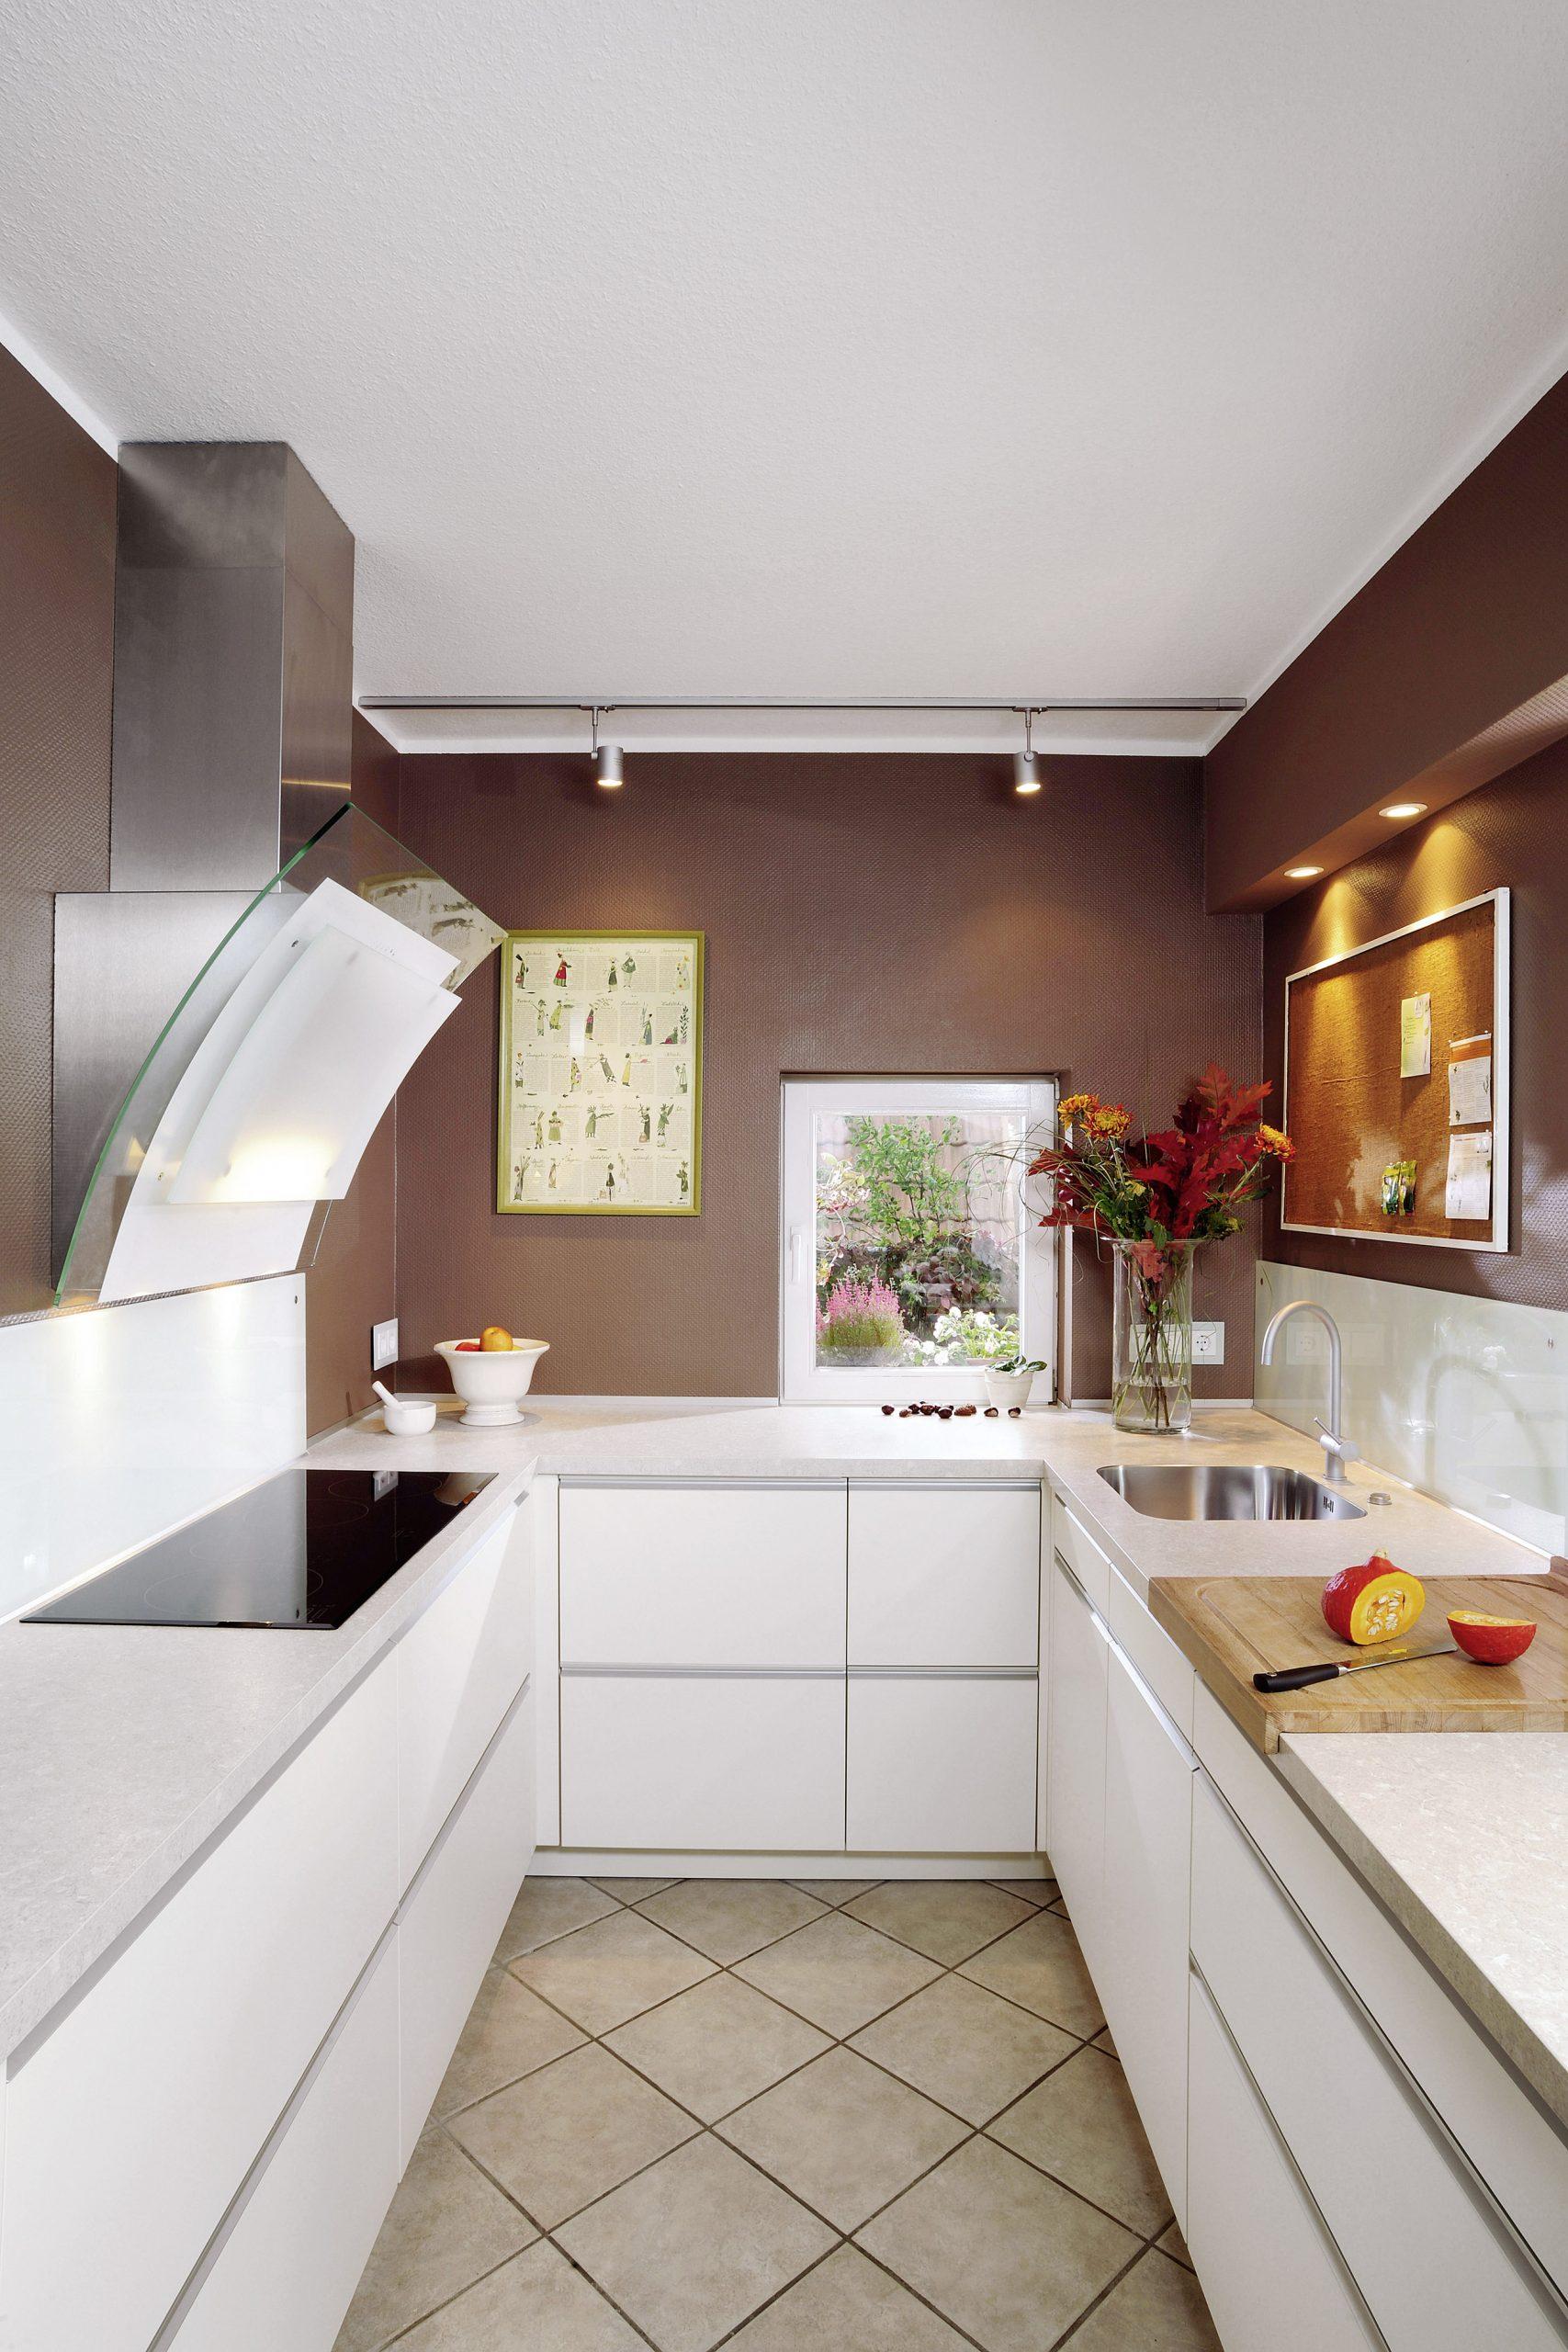 Full Size of Ihre Küche Grambow & Widmer, Foto@andreas Duerst.de Küche Kleine Einbauküche